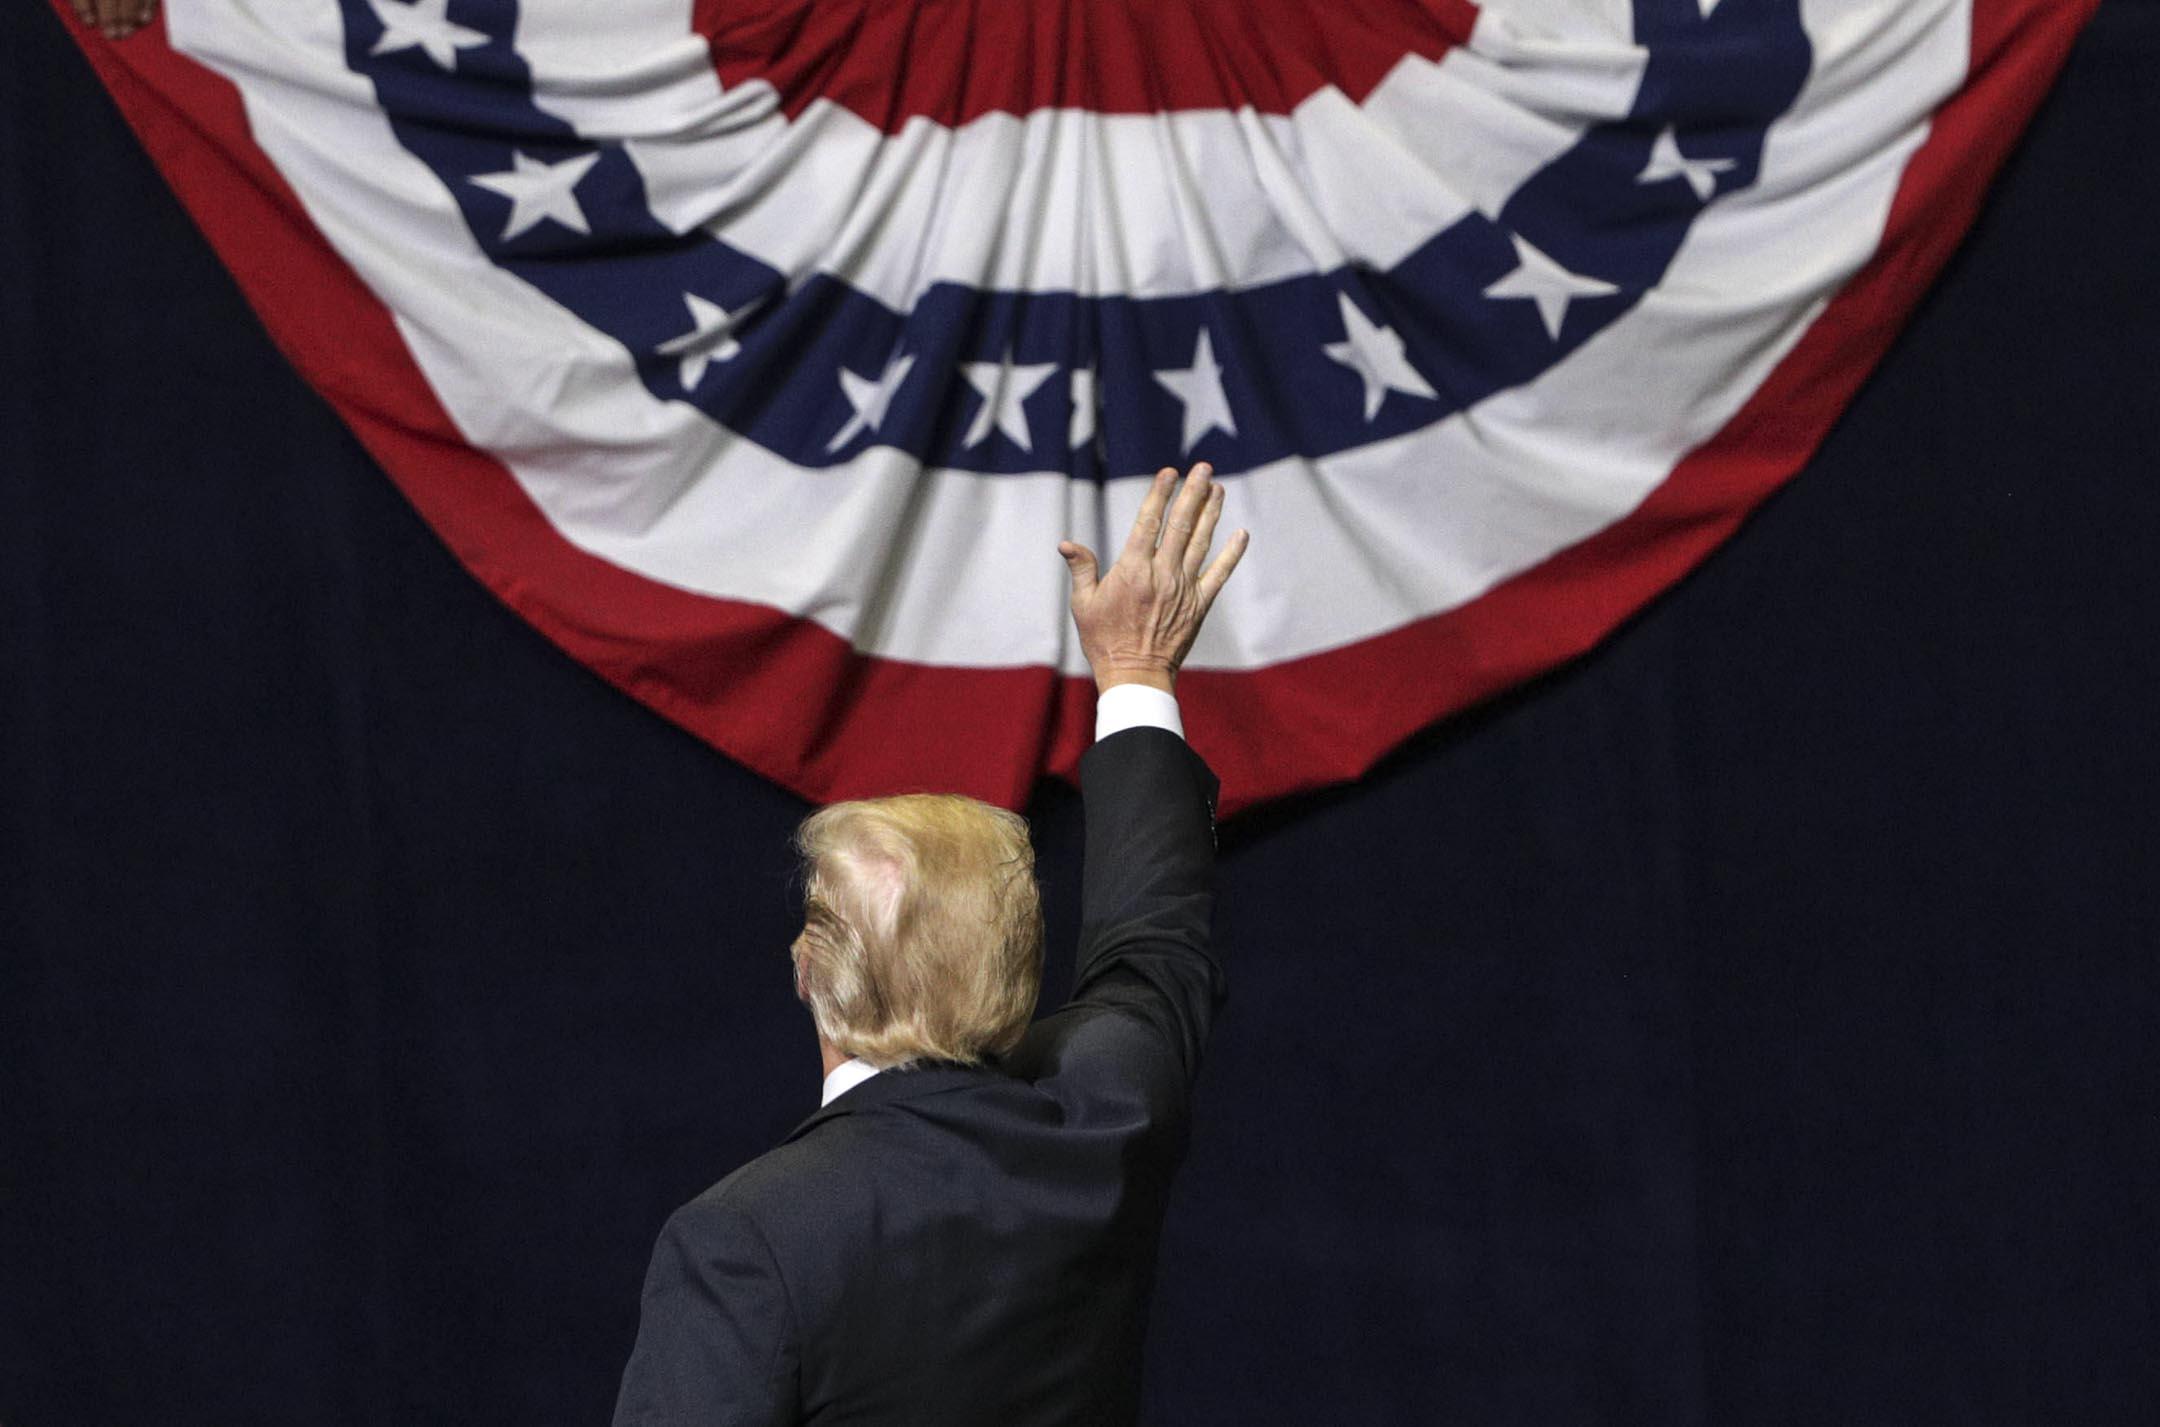 特朗普和他的選民對drain the swamp其實並不敏感。因為到現在為止,不光特朗普自己,他下面的人各種腐敗不法的事情已經很多,他的選民好像也並沒有因此而跟他保持距離或者拋棄他。所以我覺得民主黨如果要搞drain the swamp效果不是特別大。 攝:Alex Wong/Getty Images